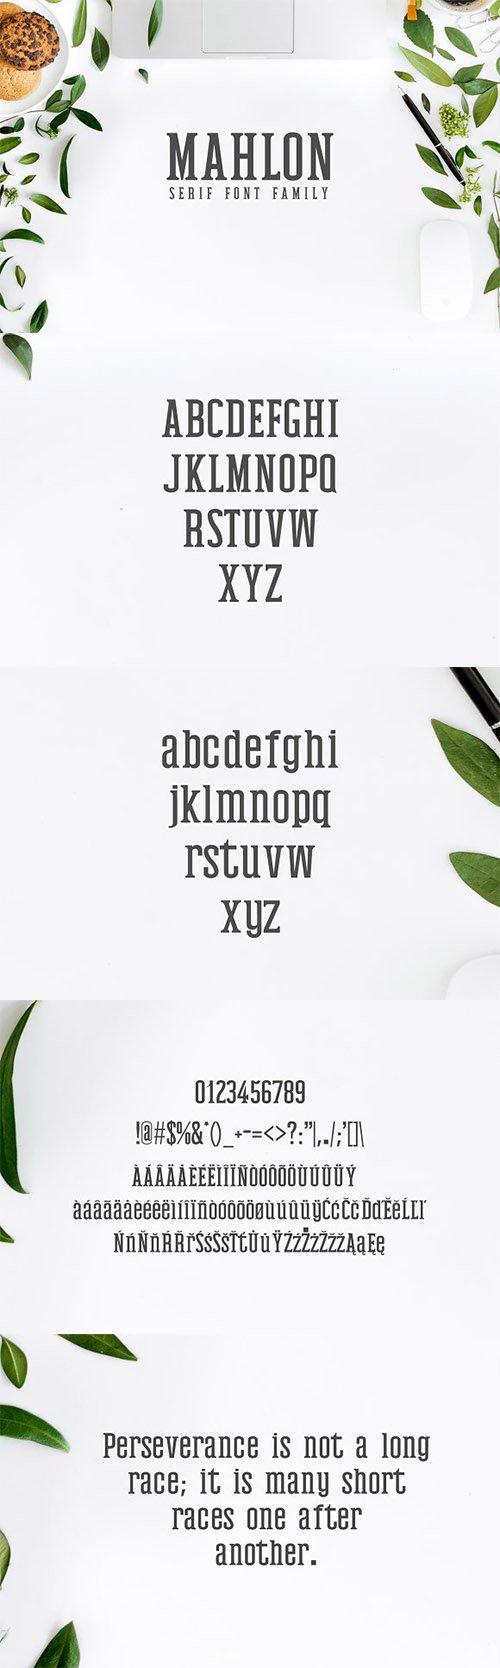 Mahlon Serif Font Family Pack 2319351